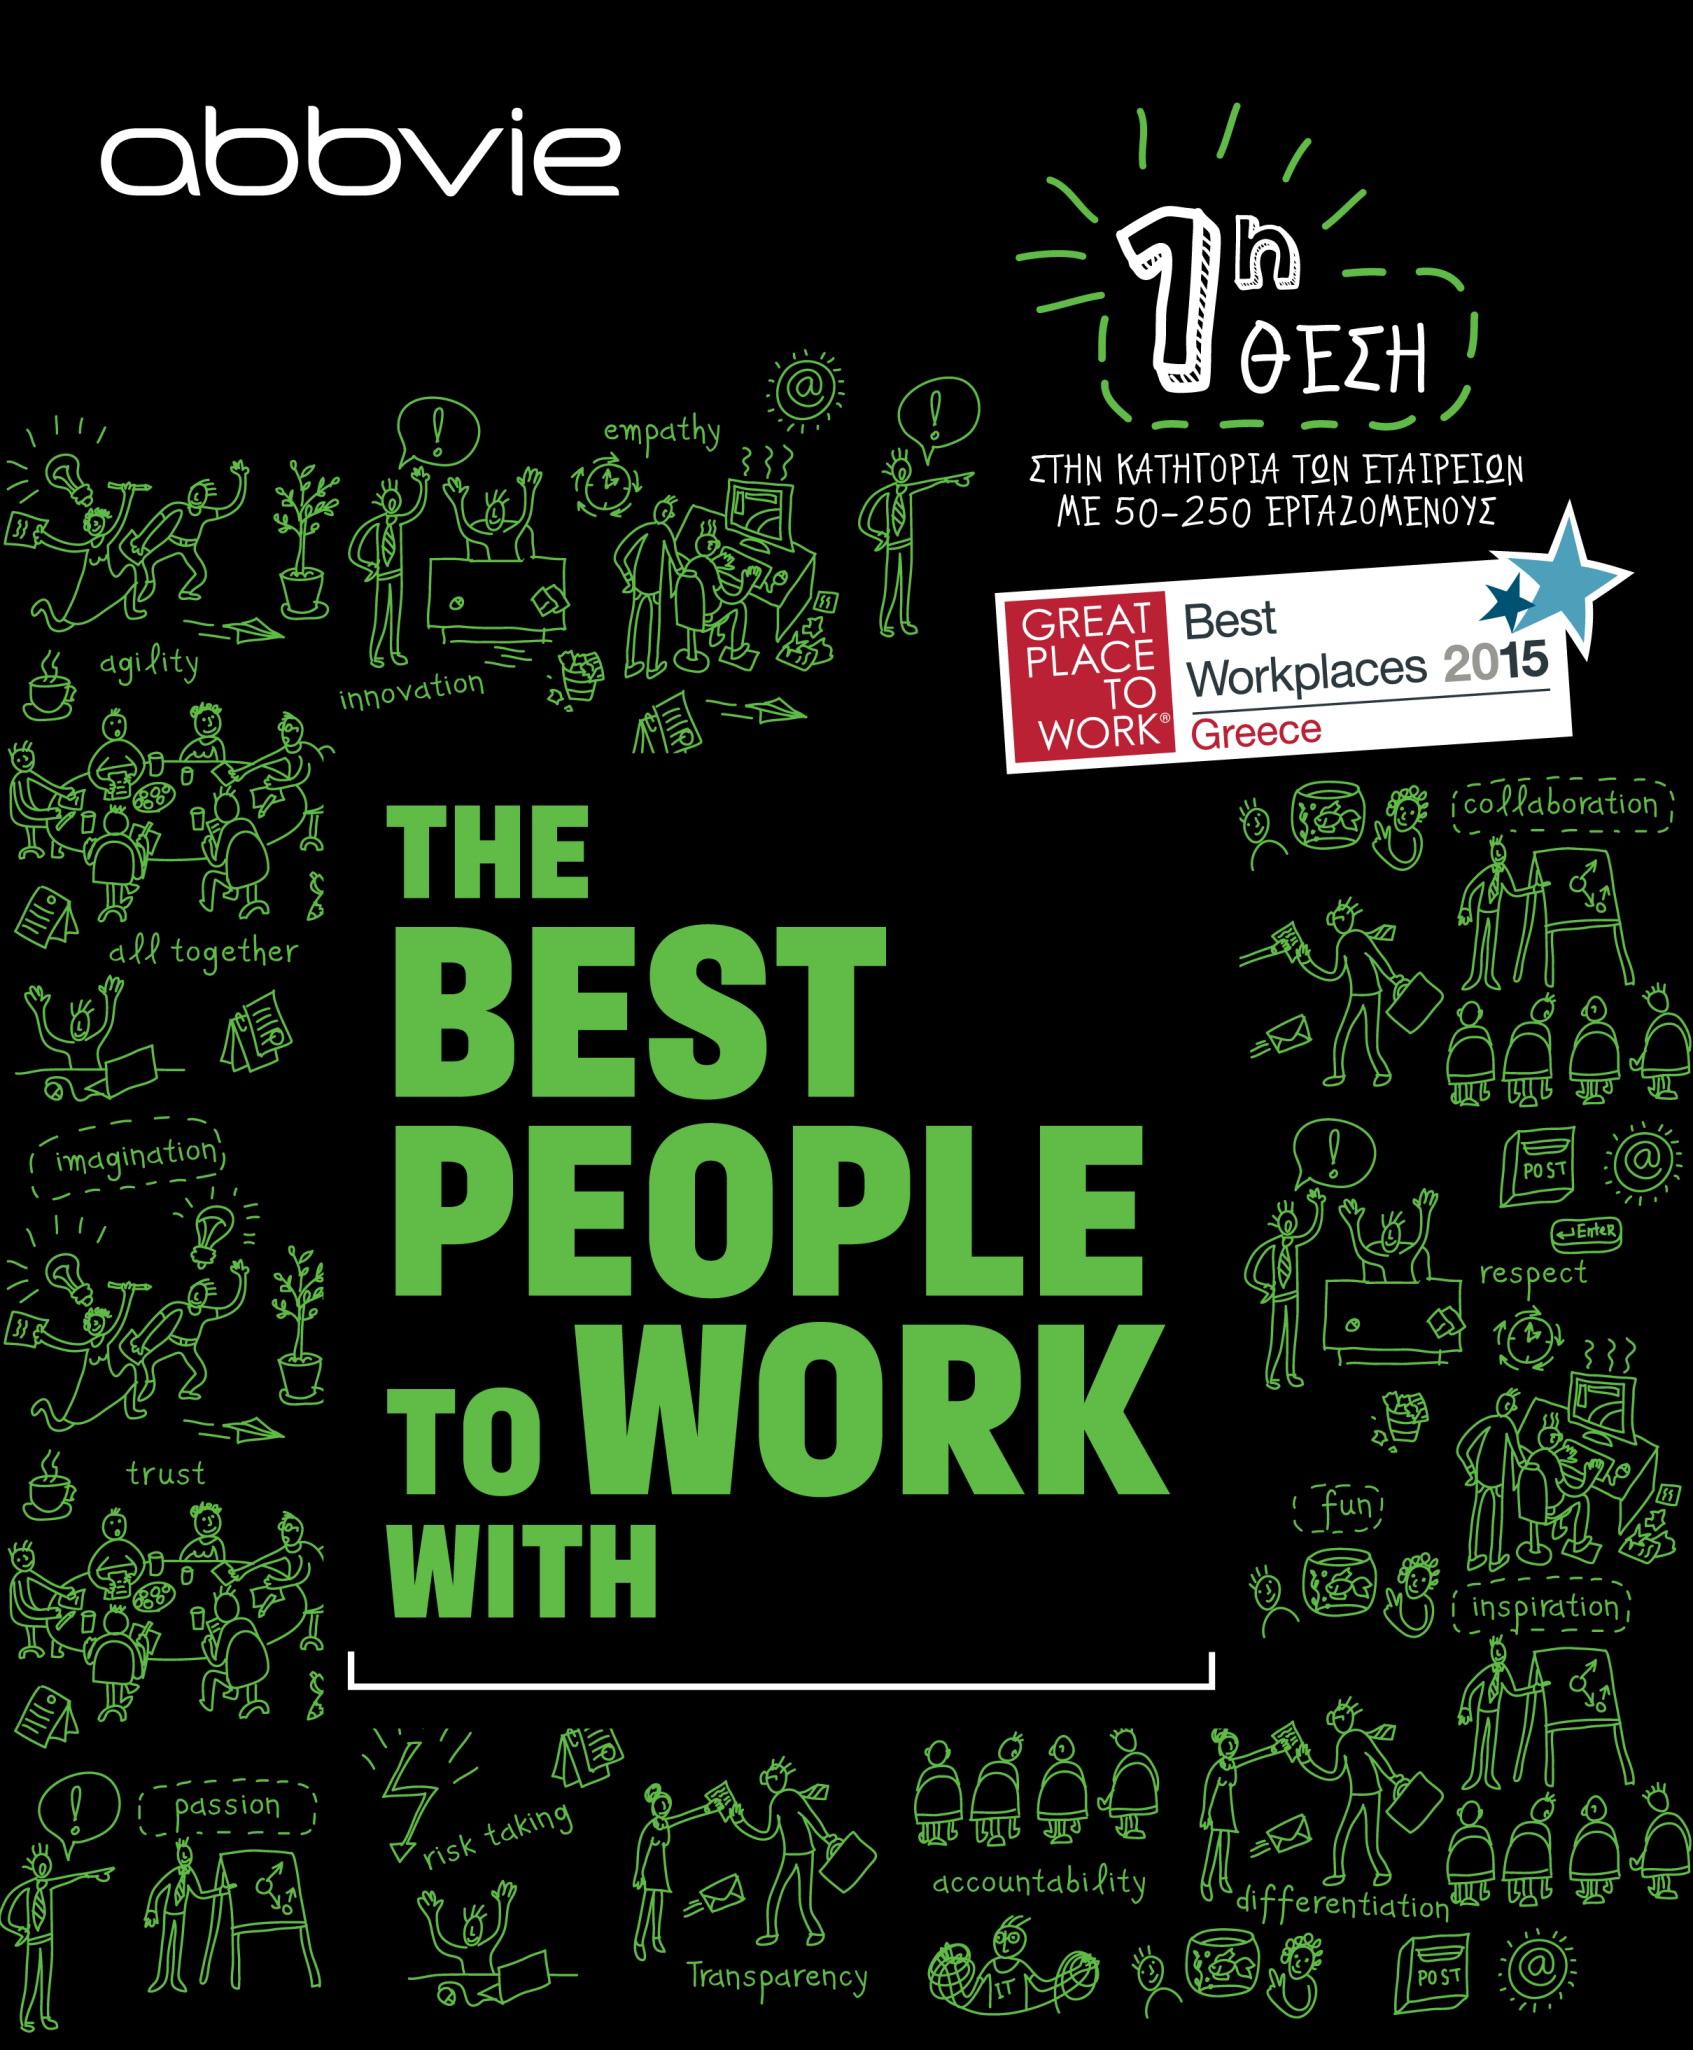 Δείτε ποια εταιρεία έχει το καλύτερο εργασιακό περιβάλλον στην Ελλάδα για το 2015!